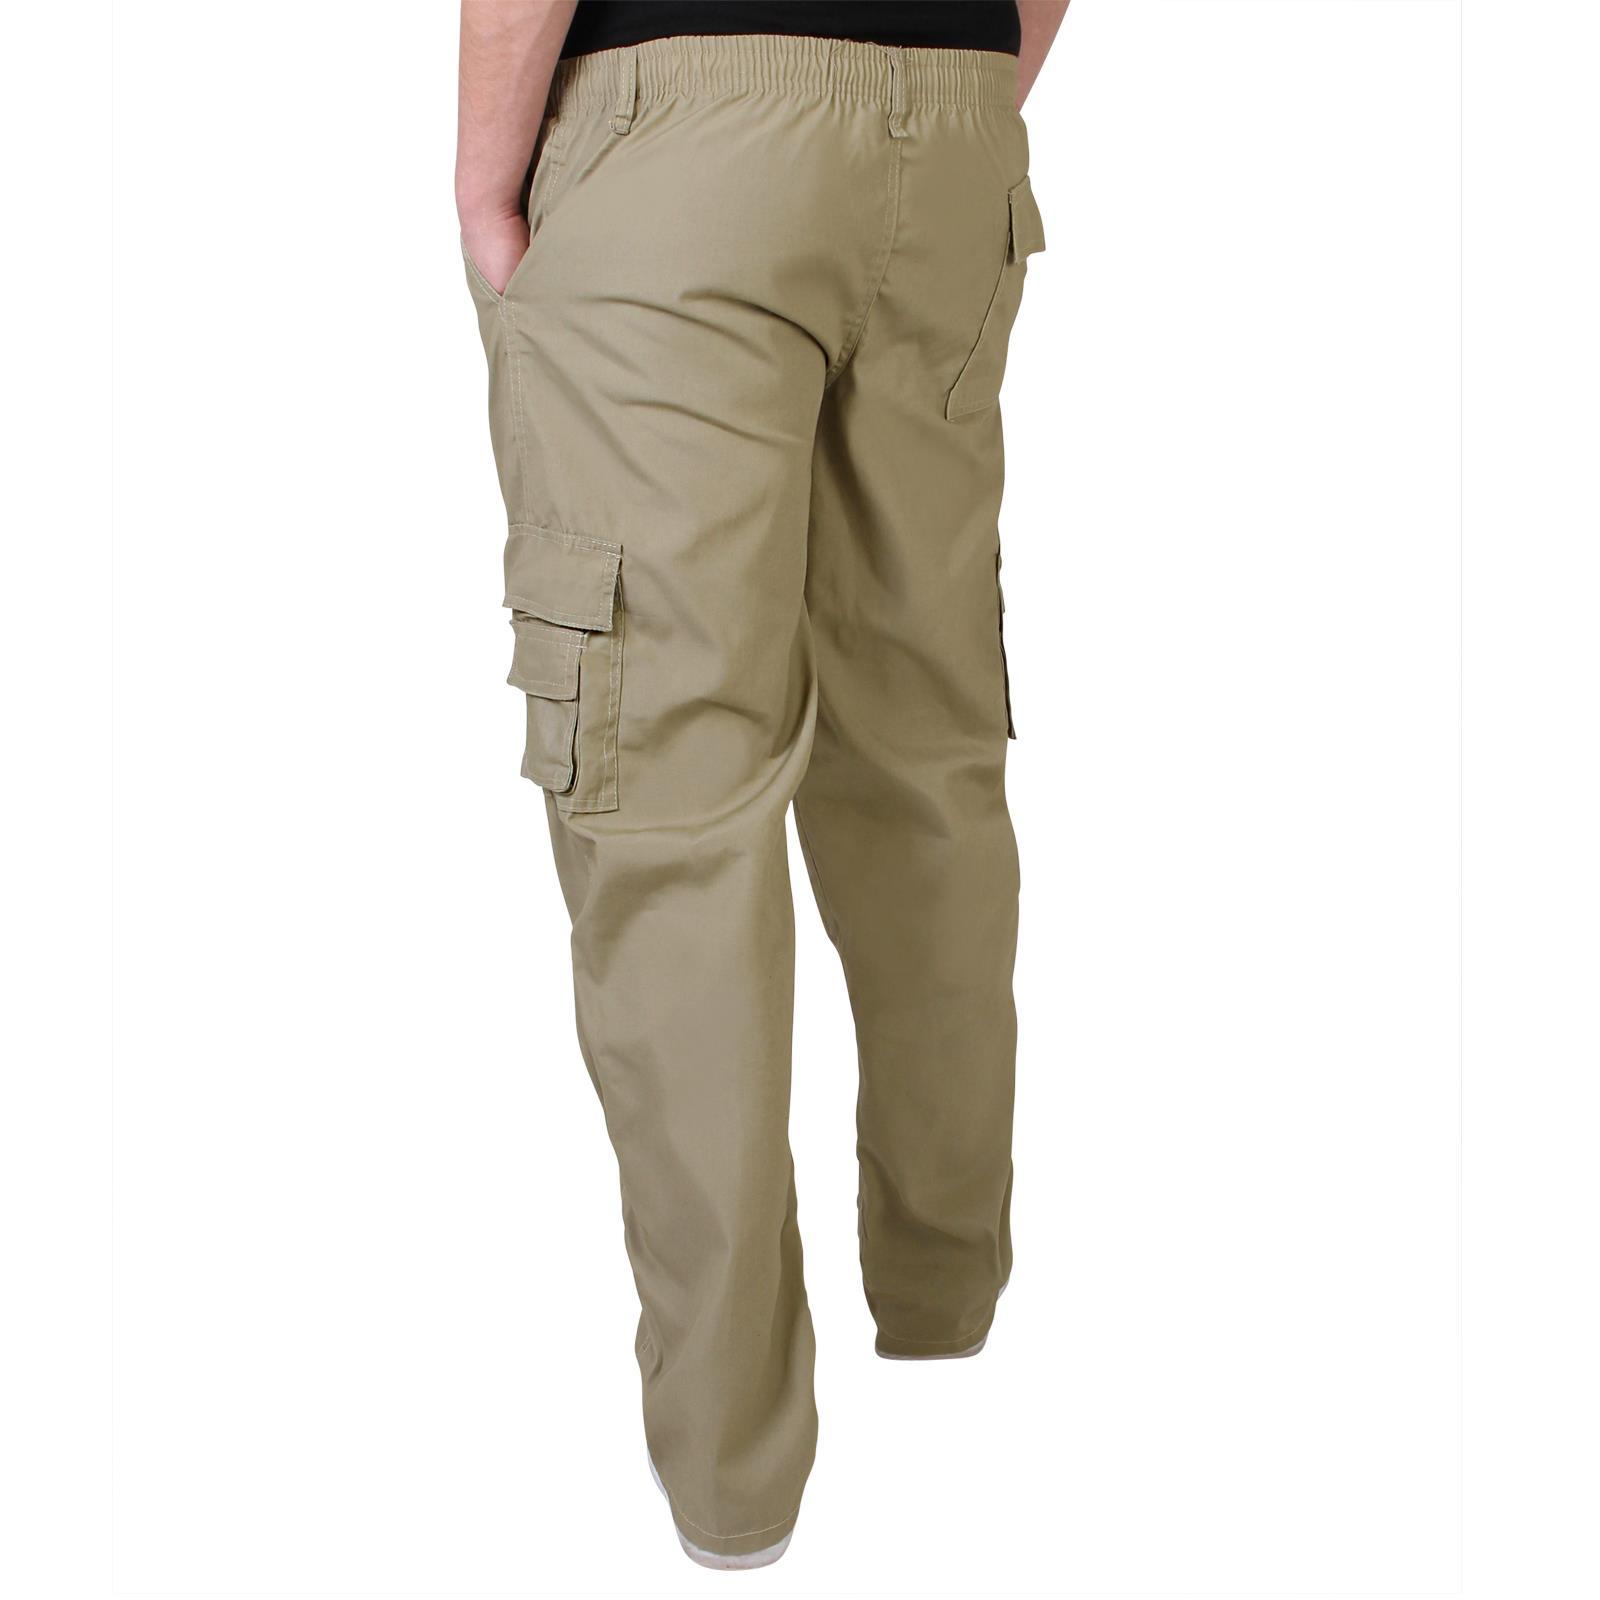 Uomo-Militare-Cargo-Pantaloni-Cotone-Lavoro-Chino-Casual-Kaki miniatura 31